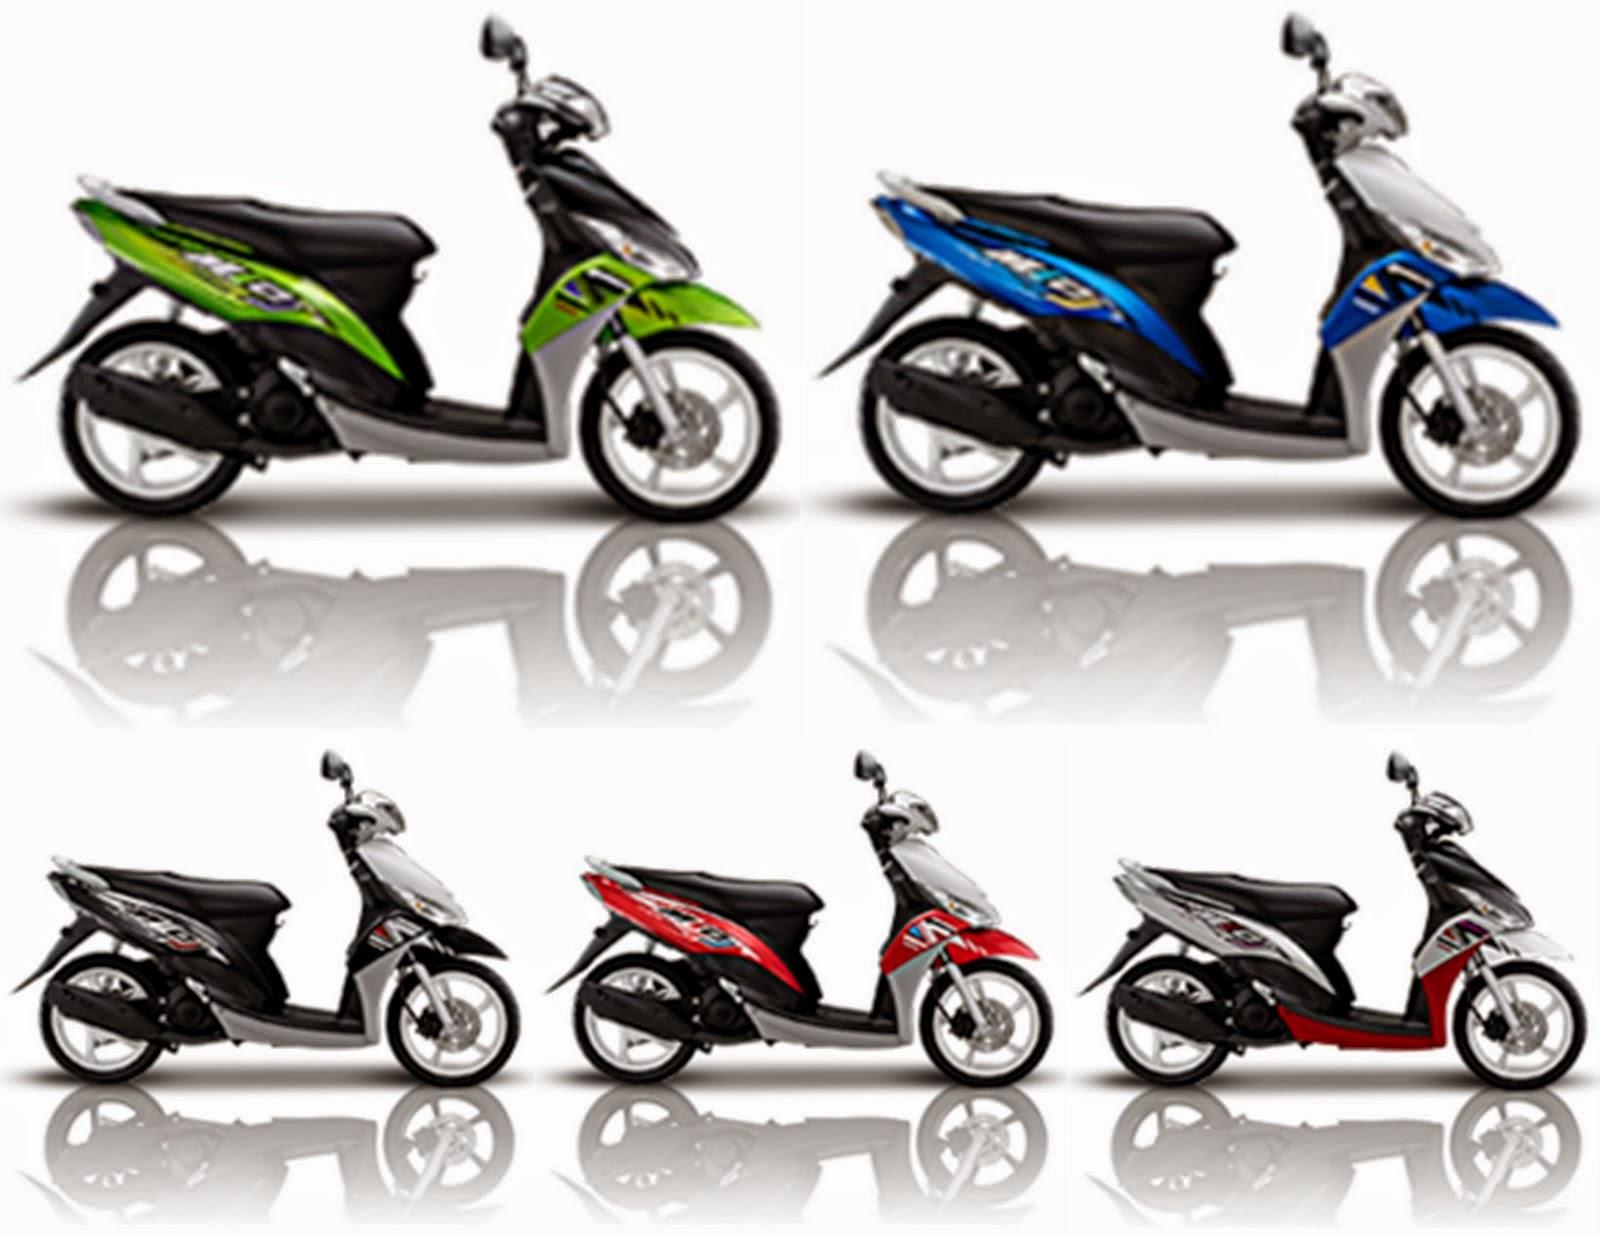 Sewa Motor Semarang Harga Spesial, Rental Motor, Rental Motor Semarang, Sewa Motor, Sewa Motor Semarang, Rental Motor Murah Semarang, Sewa Motor Murah Semarang,